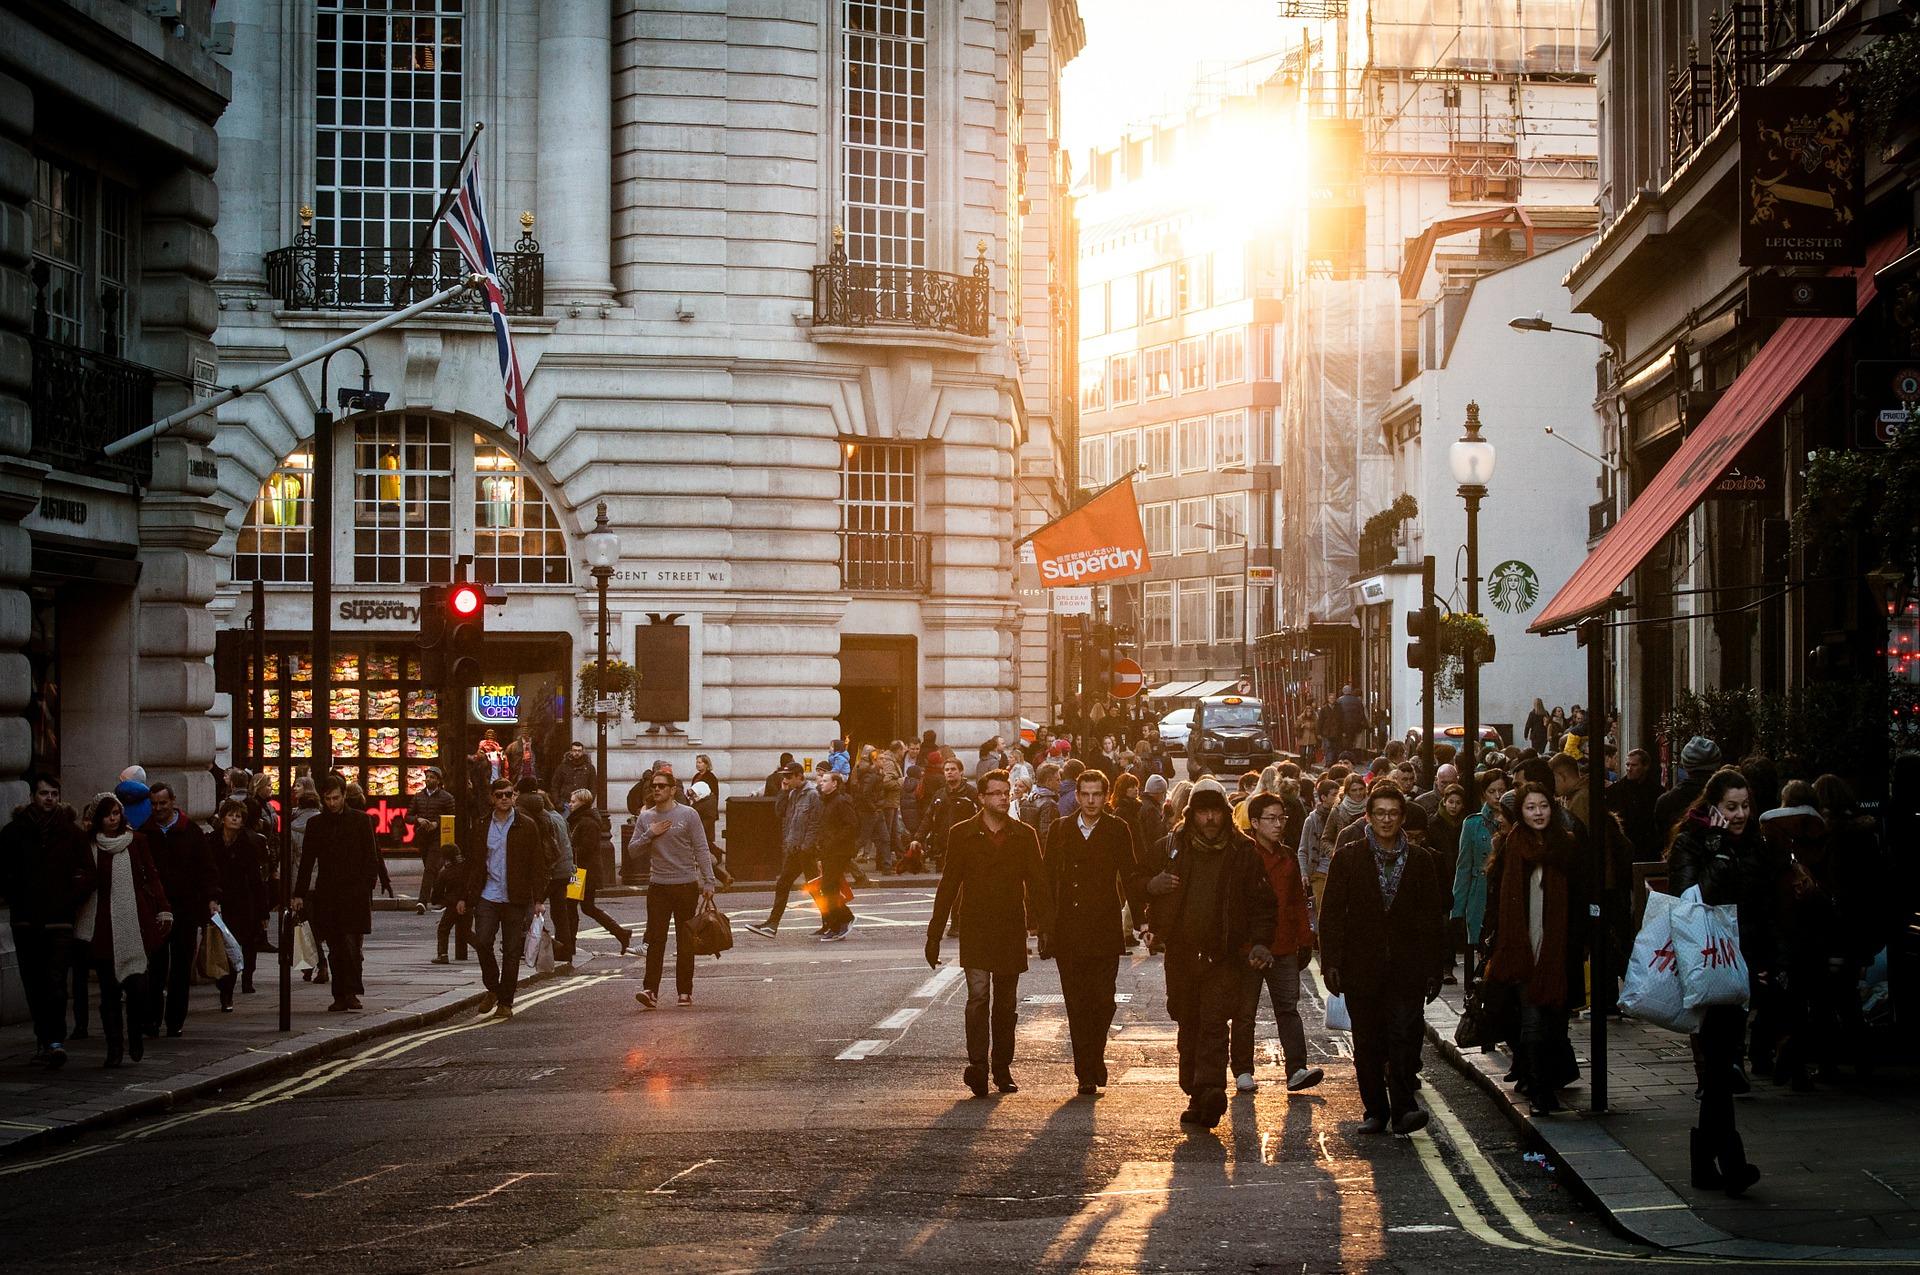 Desemprego recua para 11,9% no terceiro trimestre de 2018